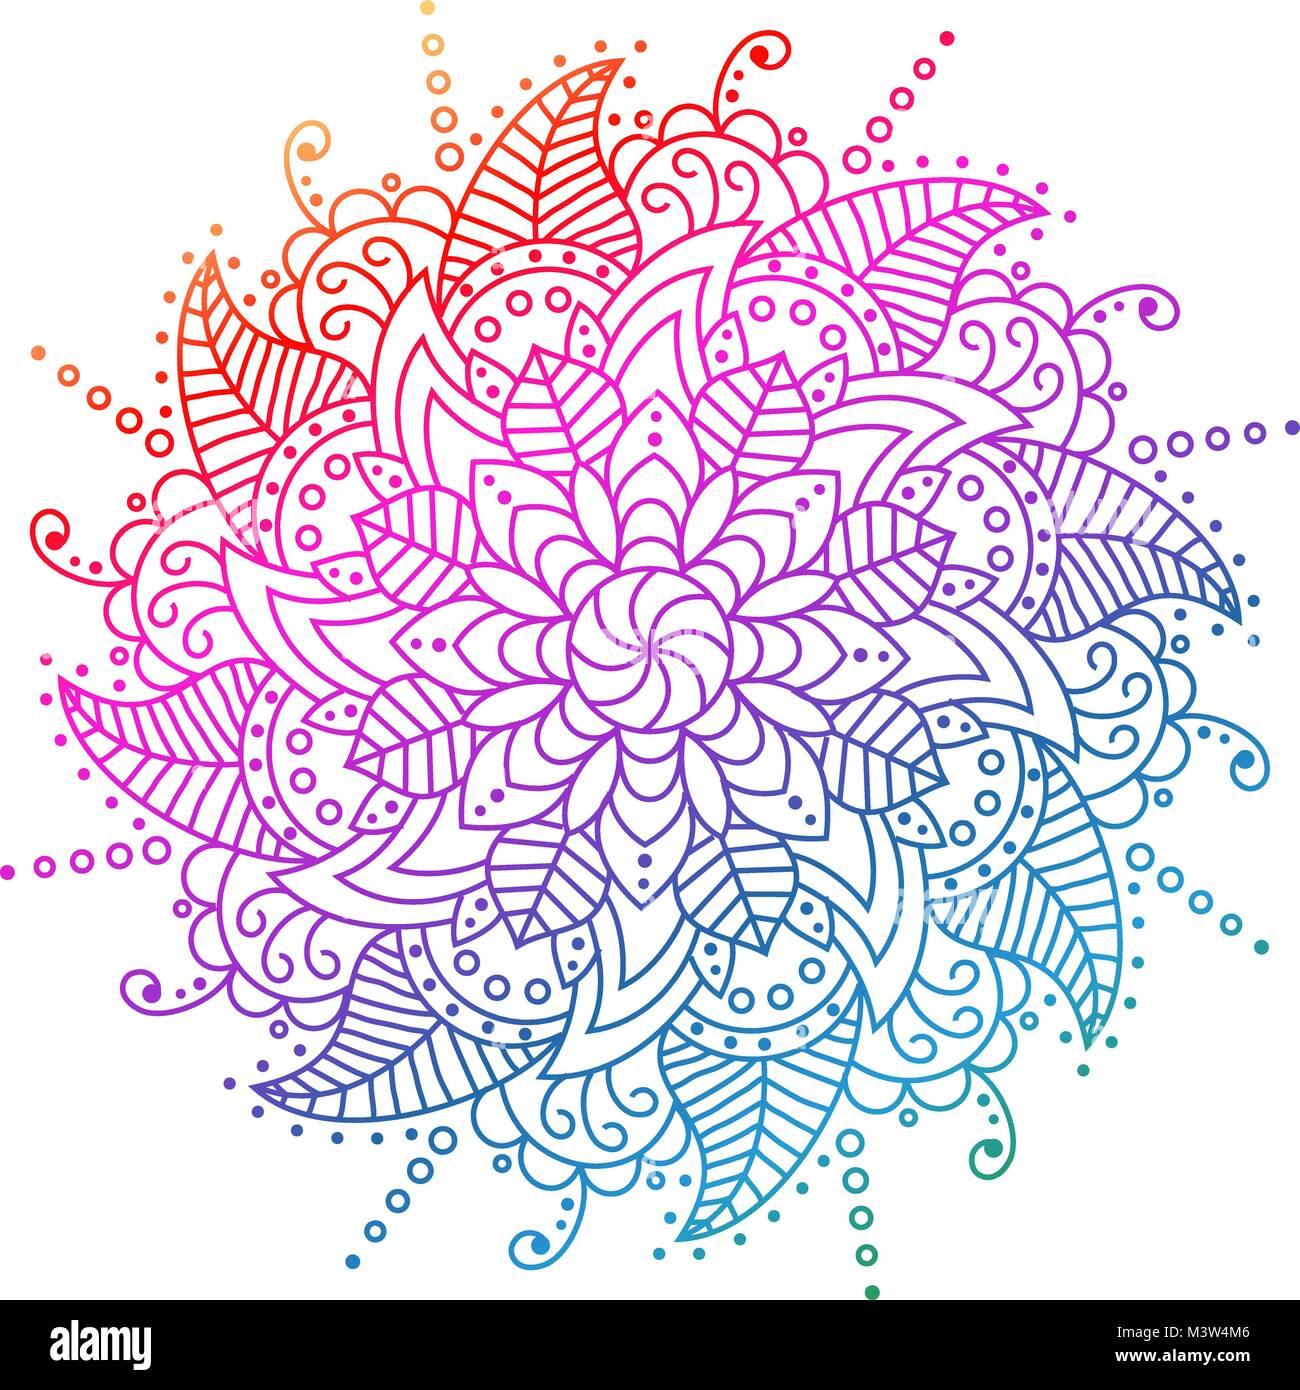 flower Mandala. decorative elements.  - Stock Image